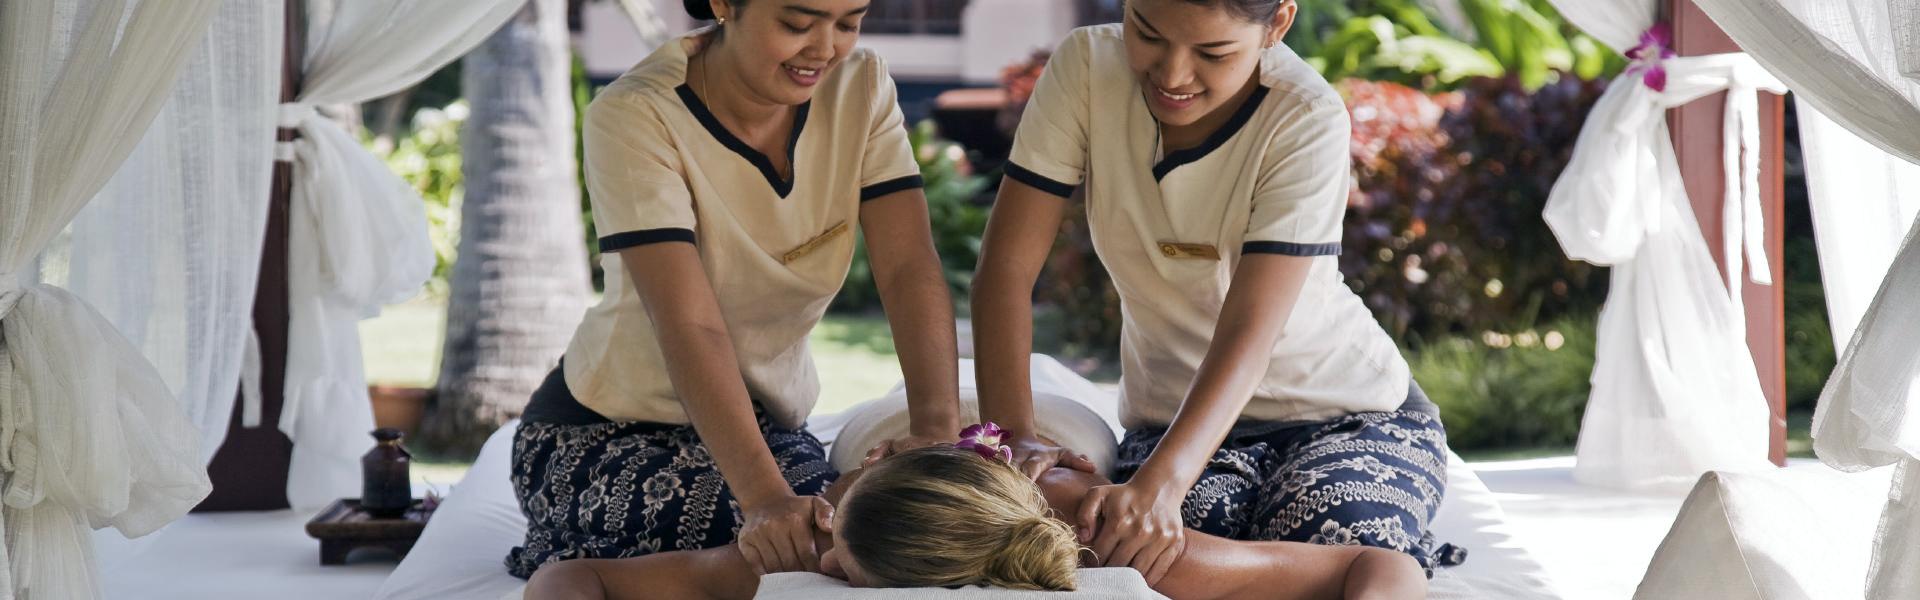 Королівський масаж